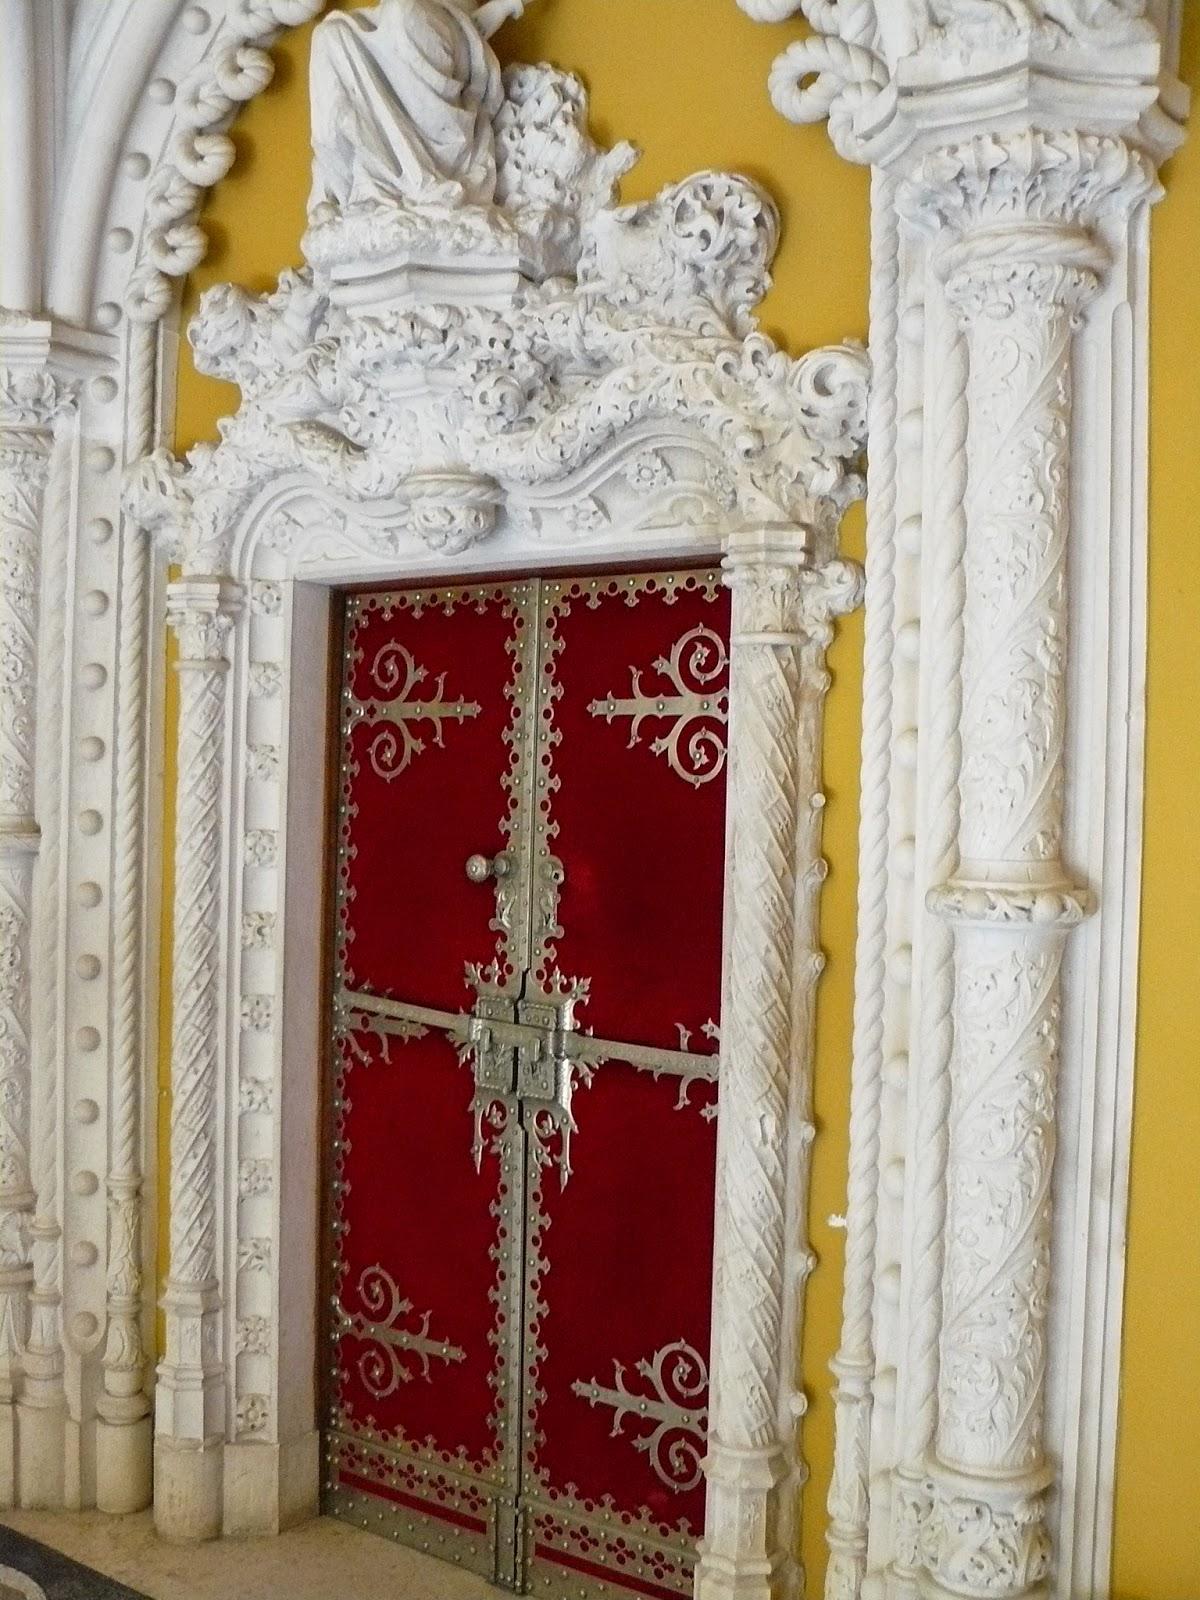 67d39a35f Este é o pórtico de acesso para dentro do Castelo, que apresenta uma  suntuosidade e riqueza de objetos absurda e maravilhosa. Descrever por  dentro é difícil ...